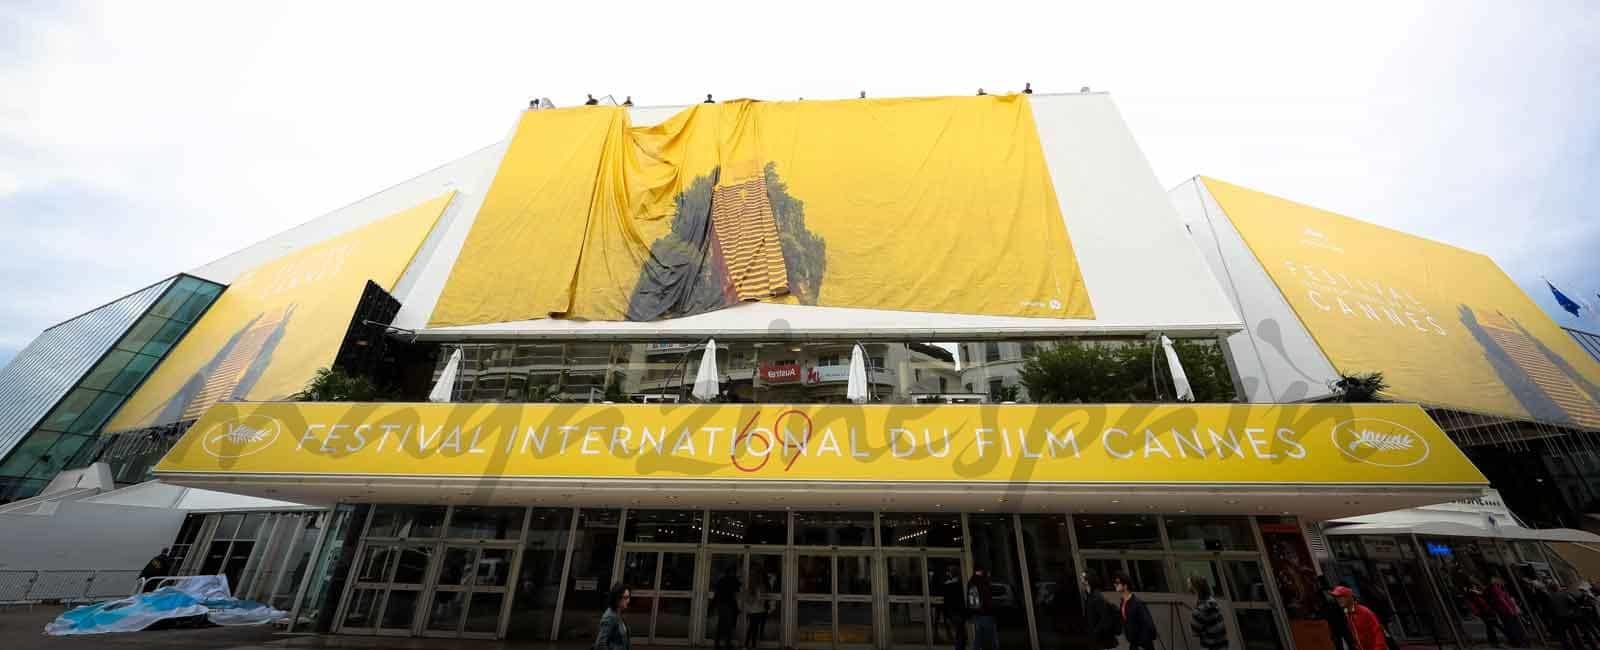 Comienza la 69ª edición del Festival de Cine de Cannes